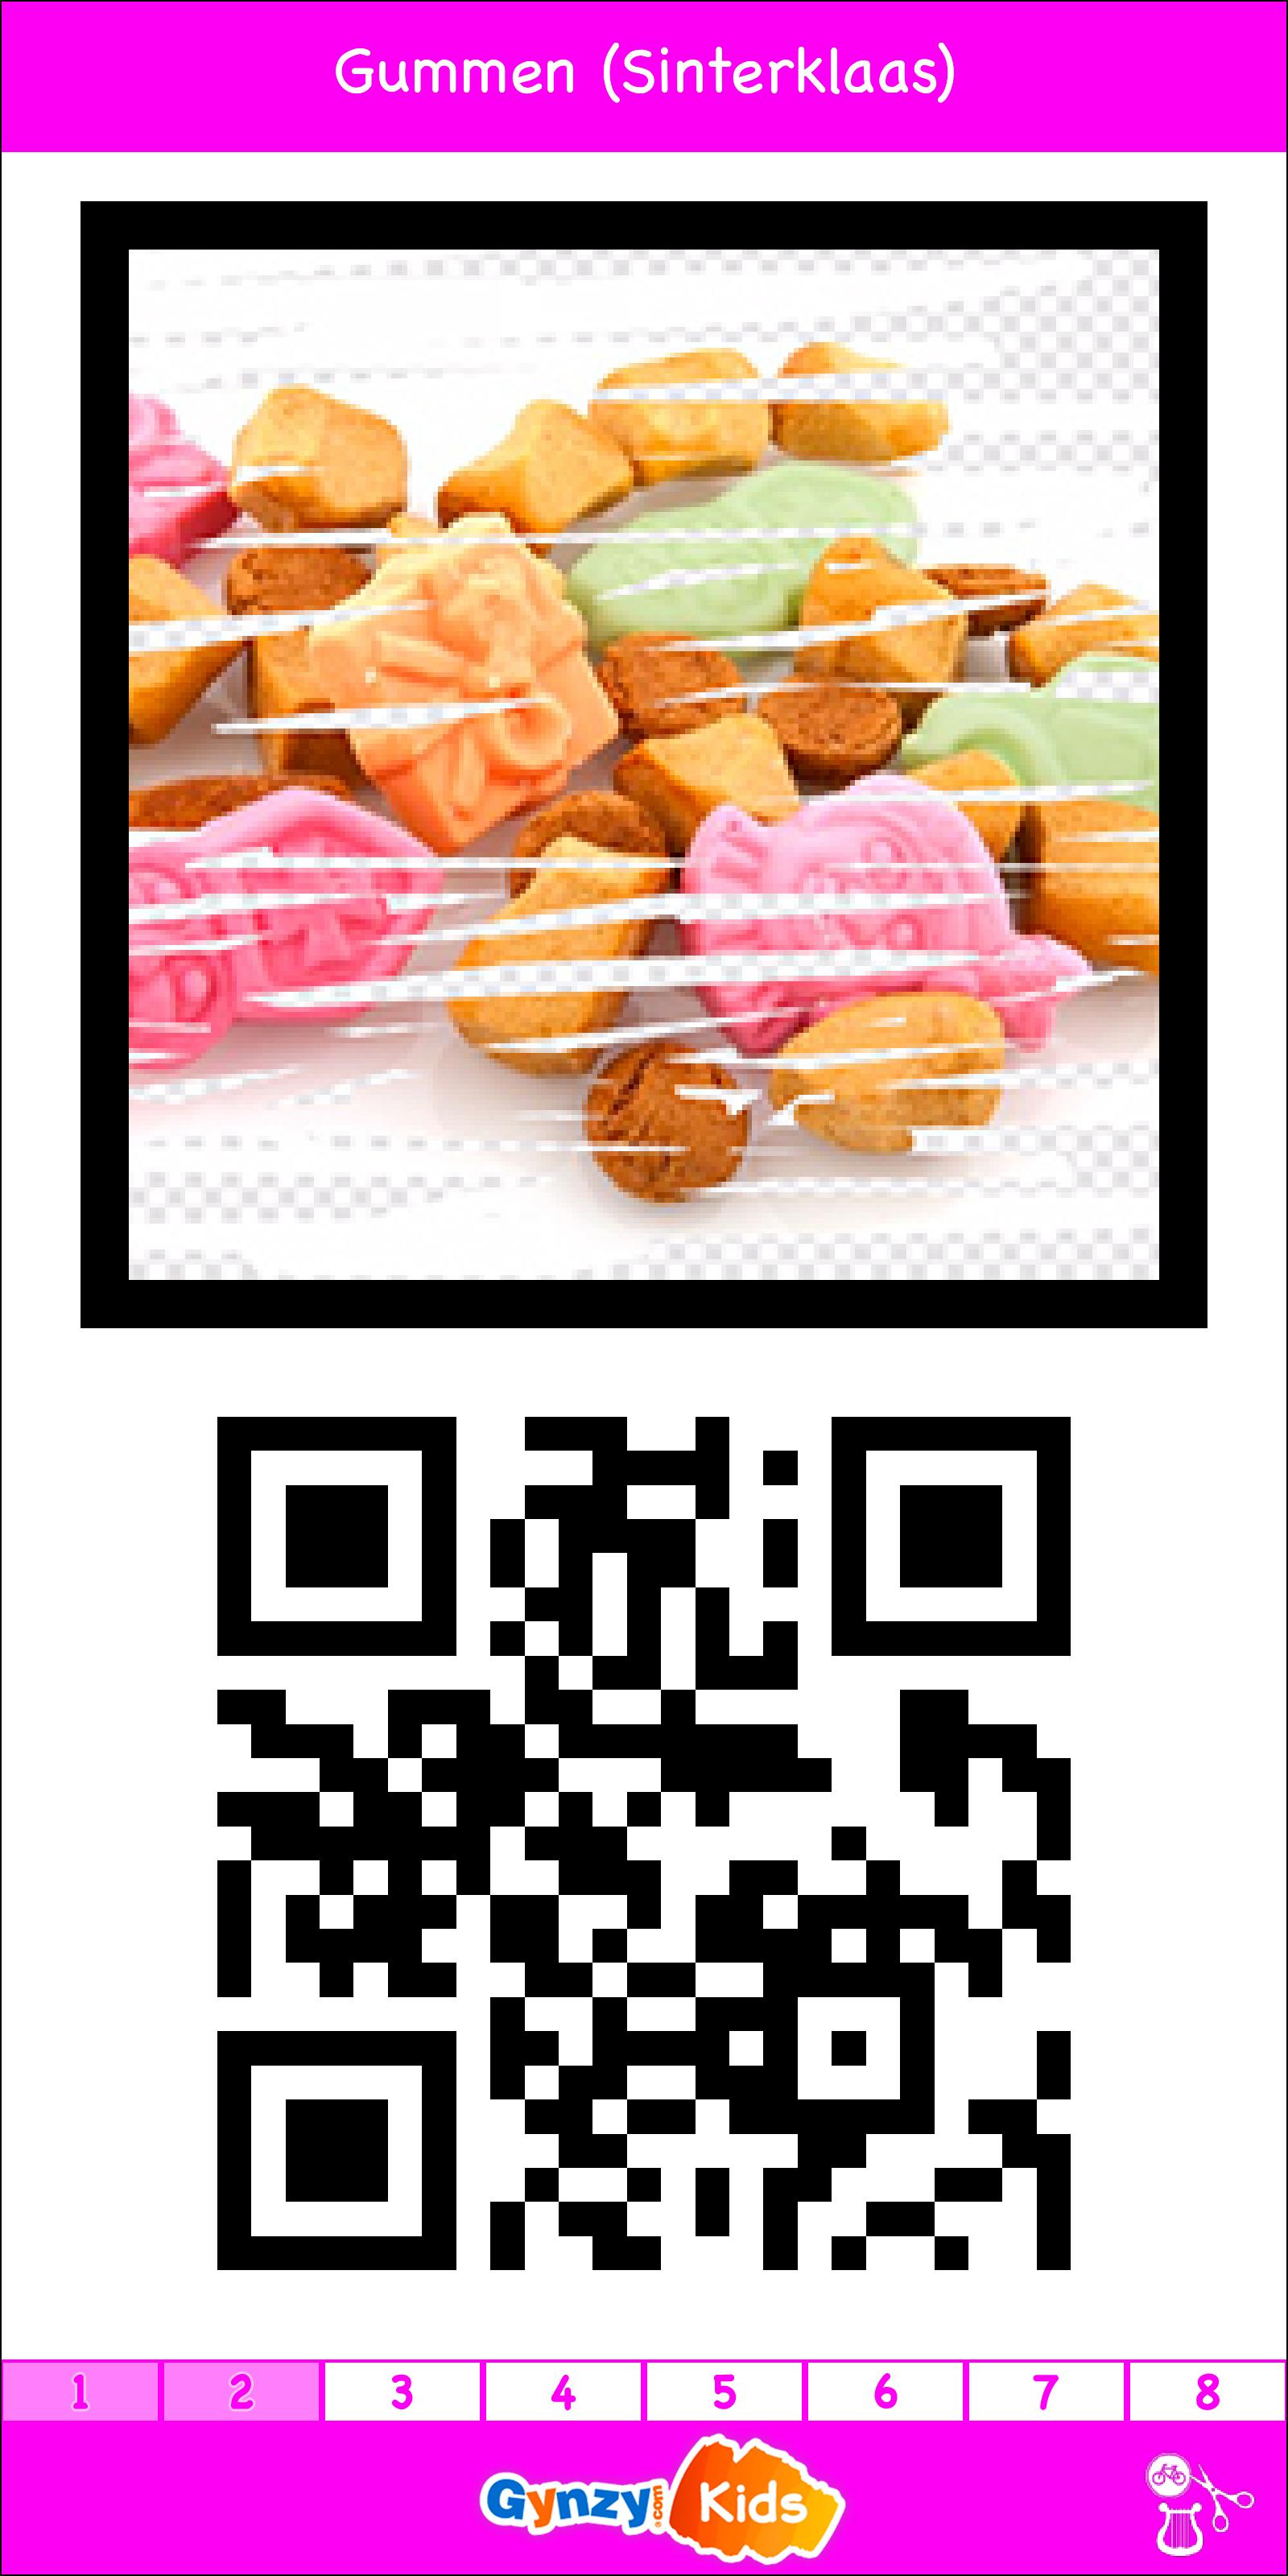 Kleurplaten Inkleuren Op Ipad.Gummen Thema Sinterklaas Qr Code Oefening Ipad App